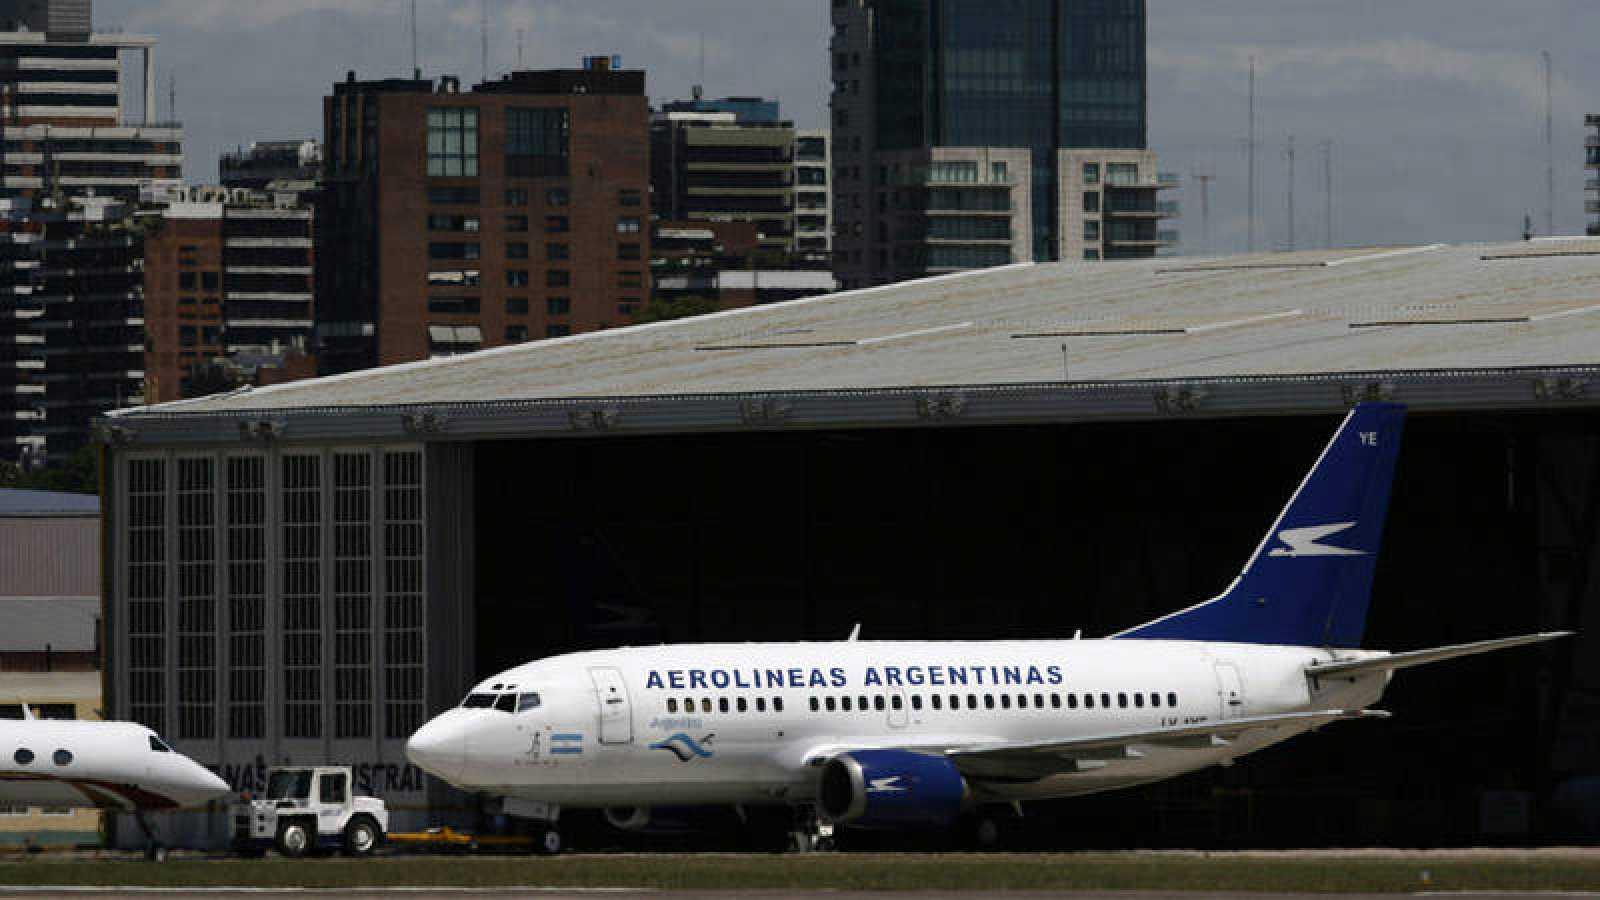 Un avión de Aerolíneas Argentinas en el Aeroparque Metropolitano de Buenos Aires, Argentina